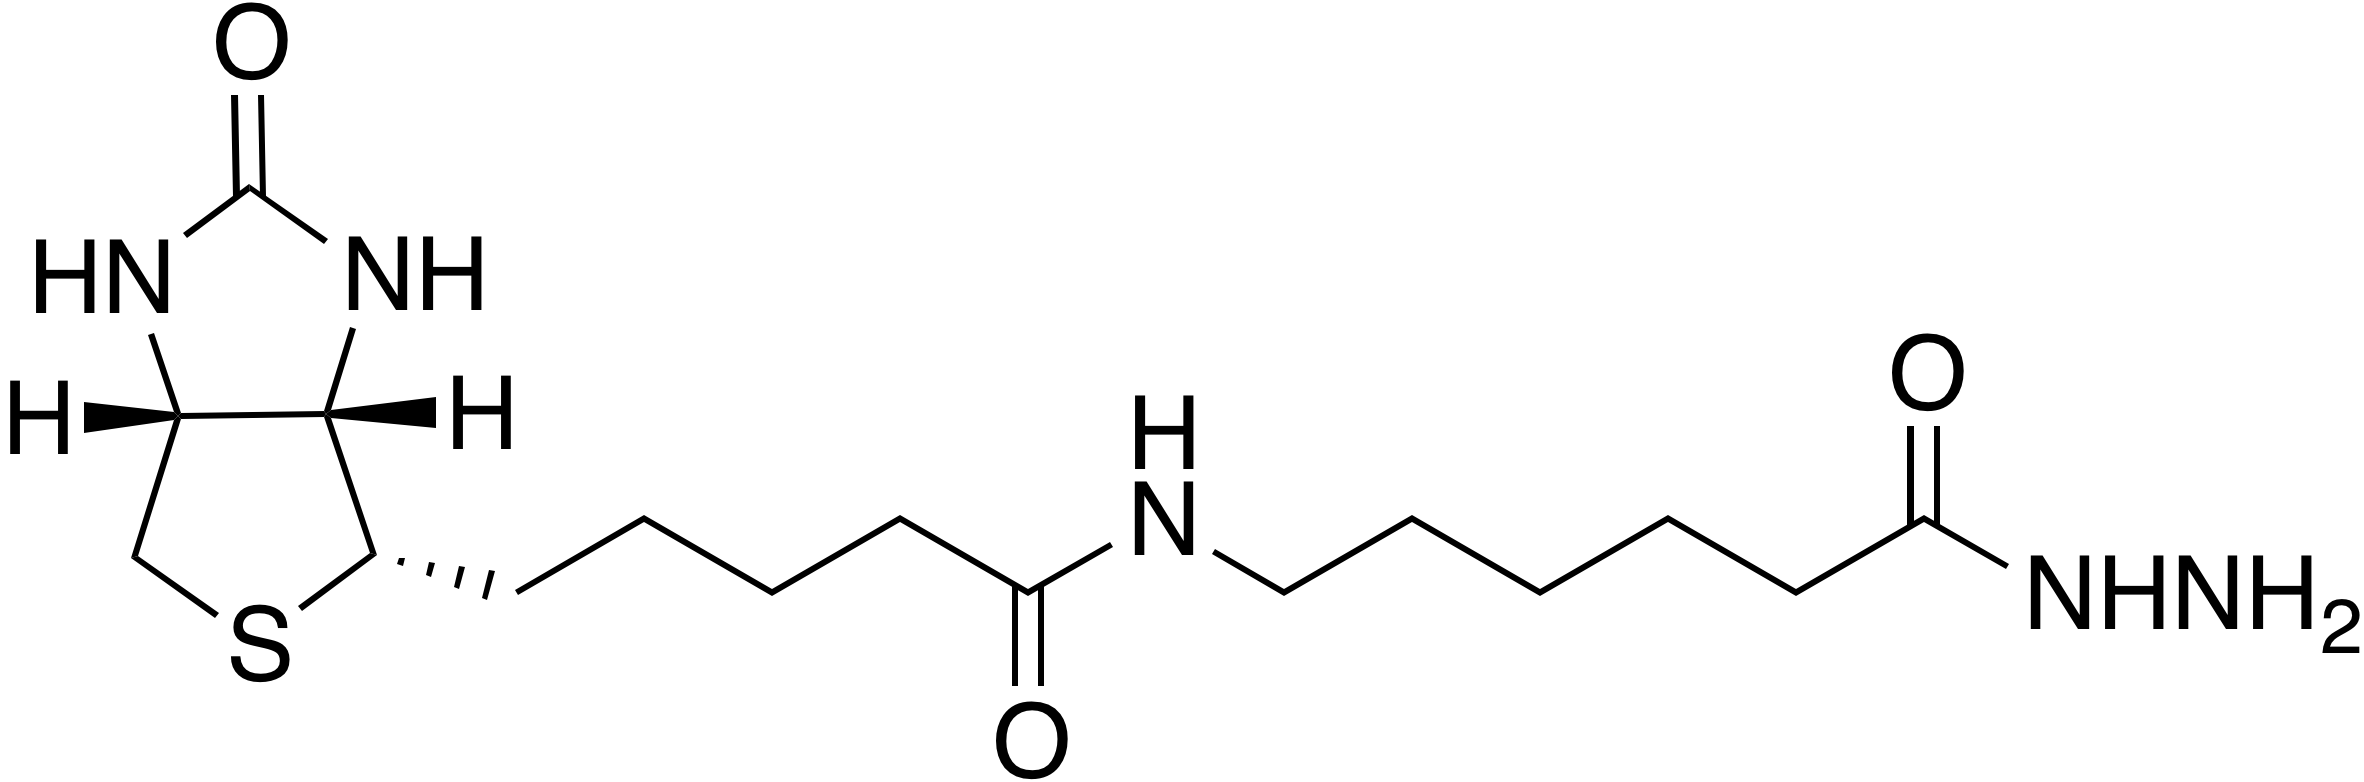 (+)-Biotinamidohexanoic acid hydrazide